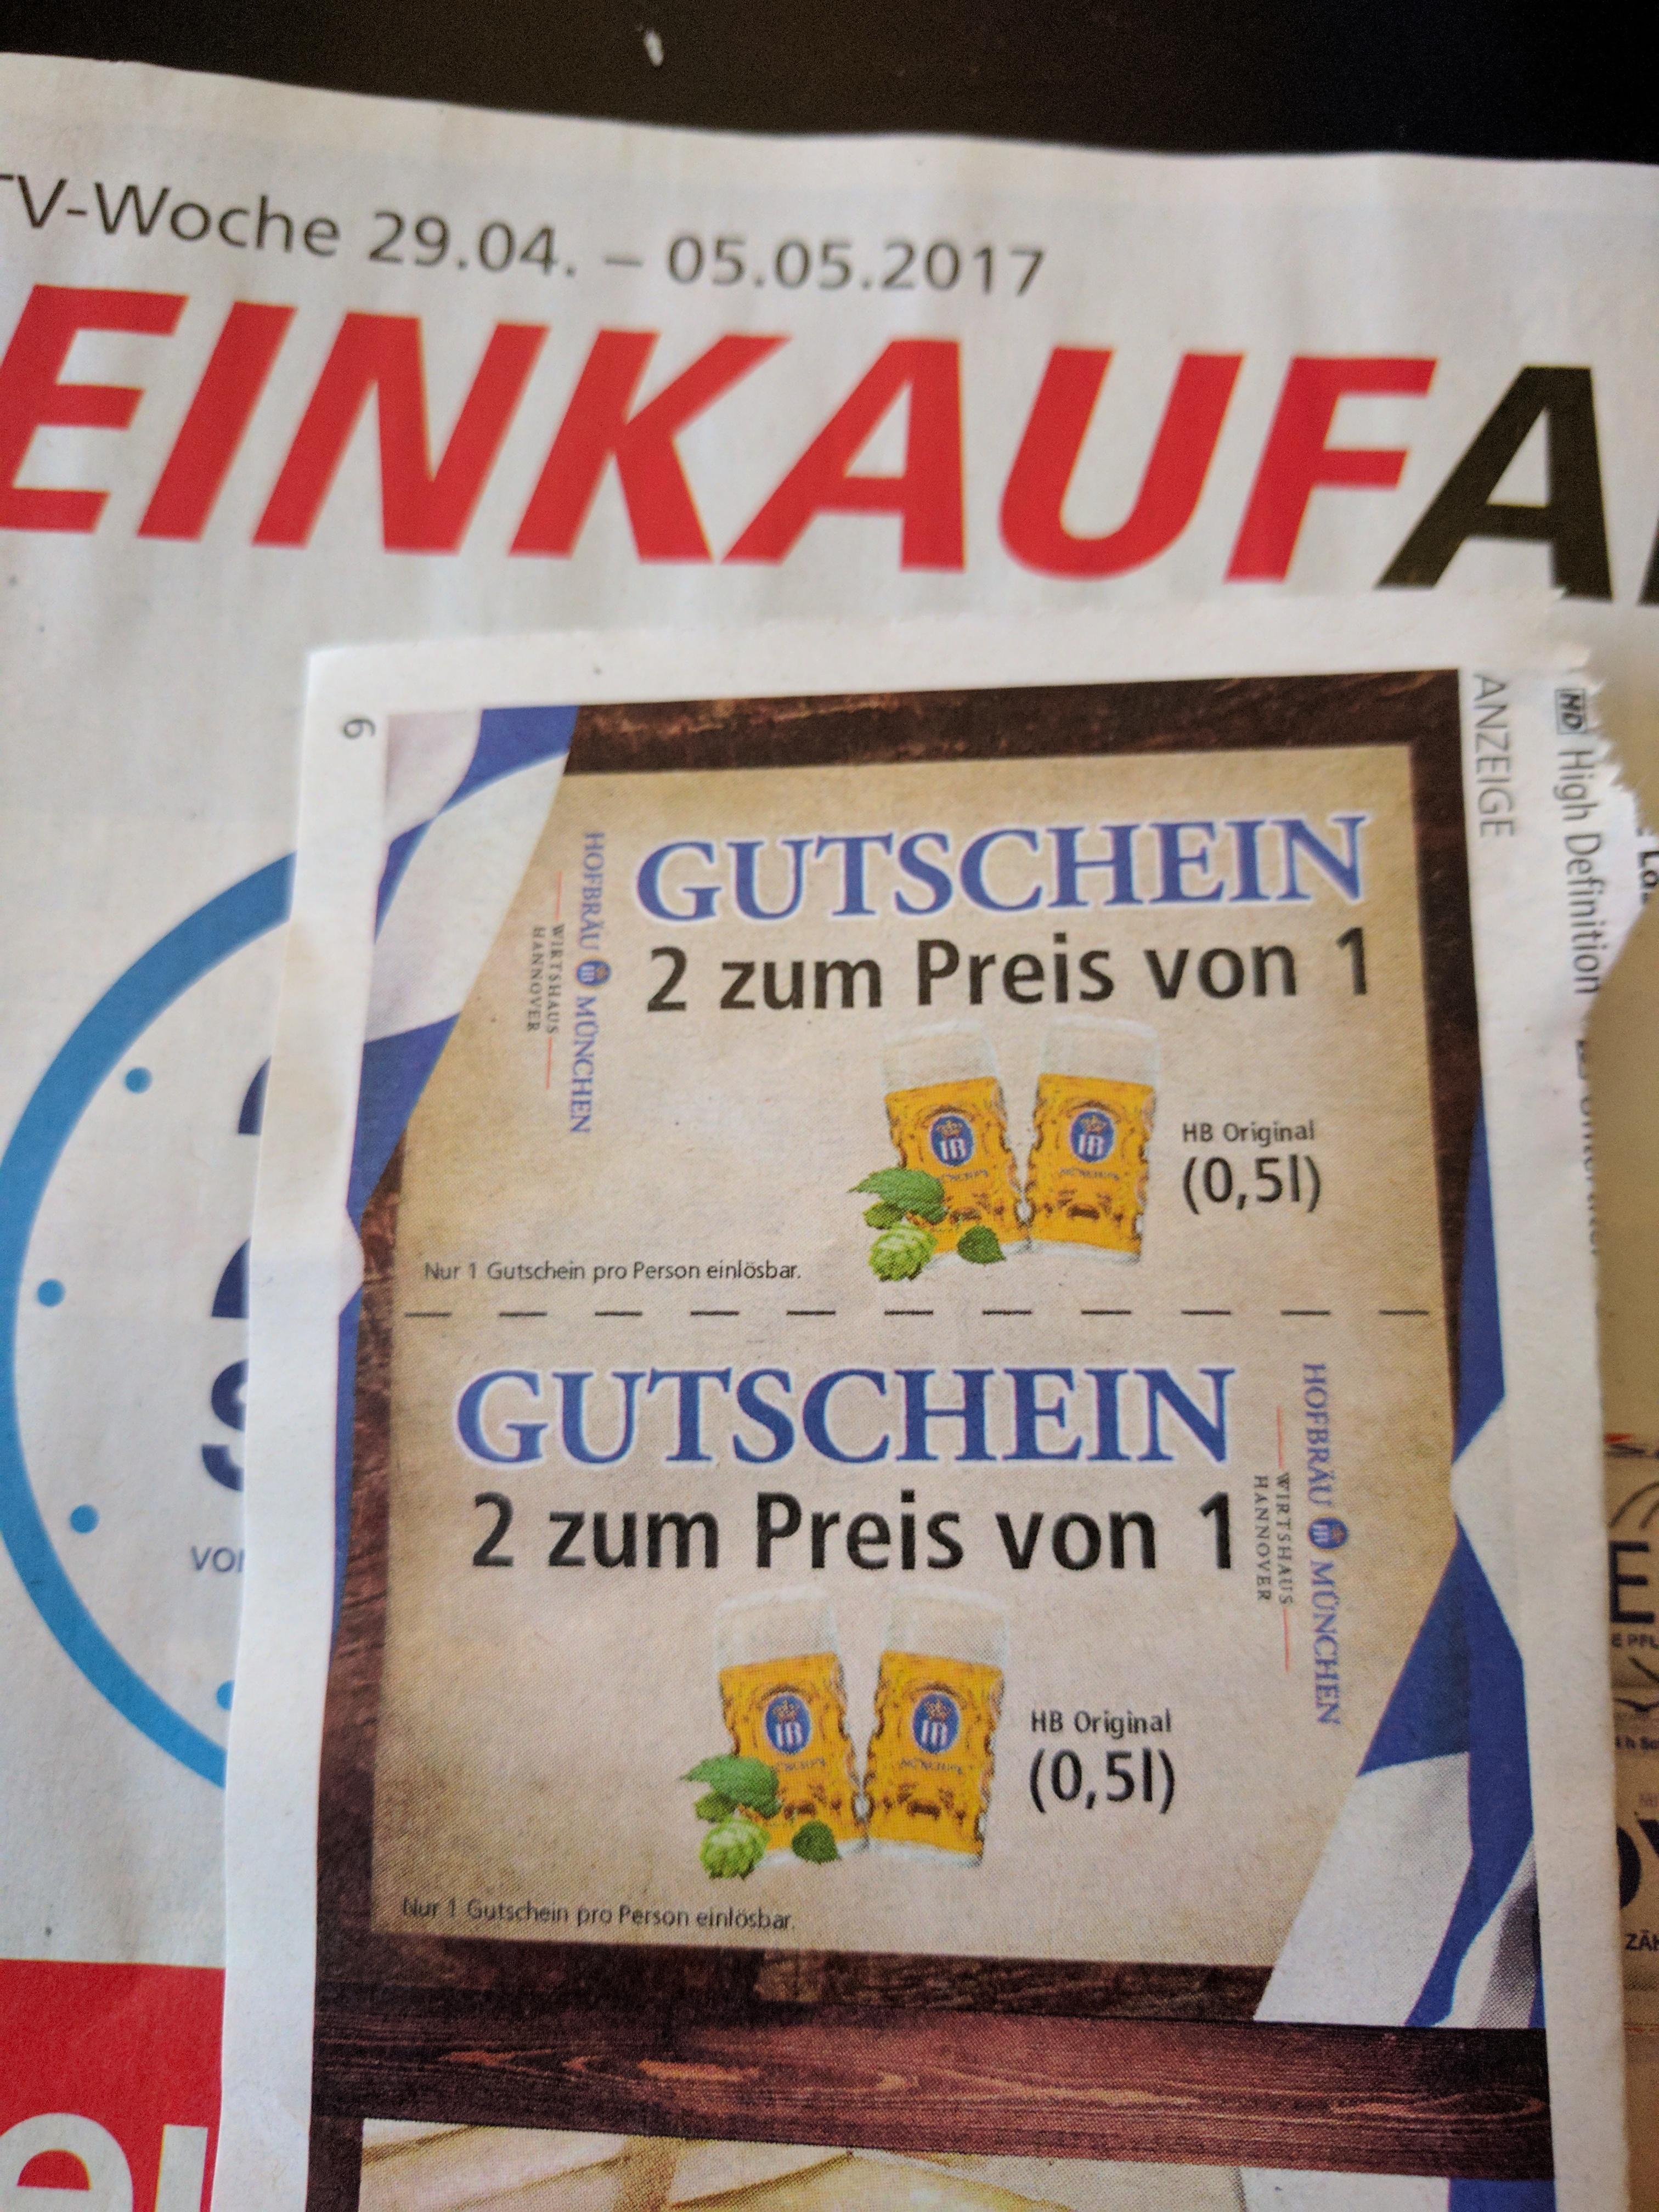 [Hannover Lokal] Gutschein 2 für 1 Hofbräuhaus Bier in der EinkaufAktuell